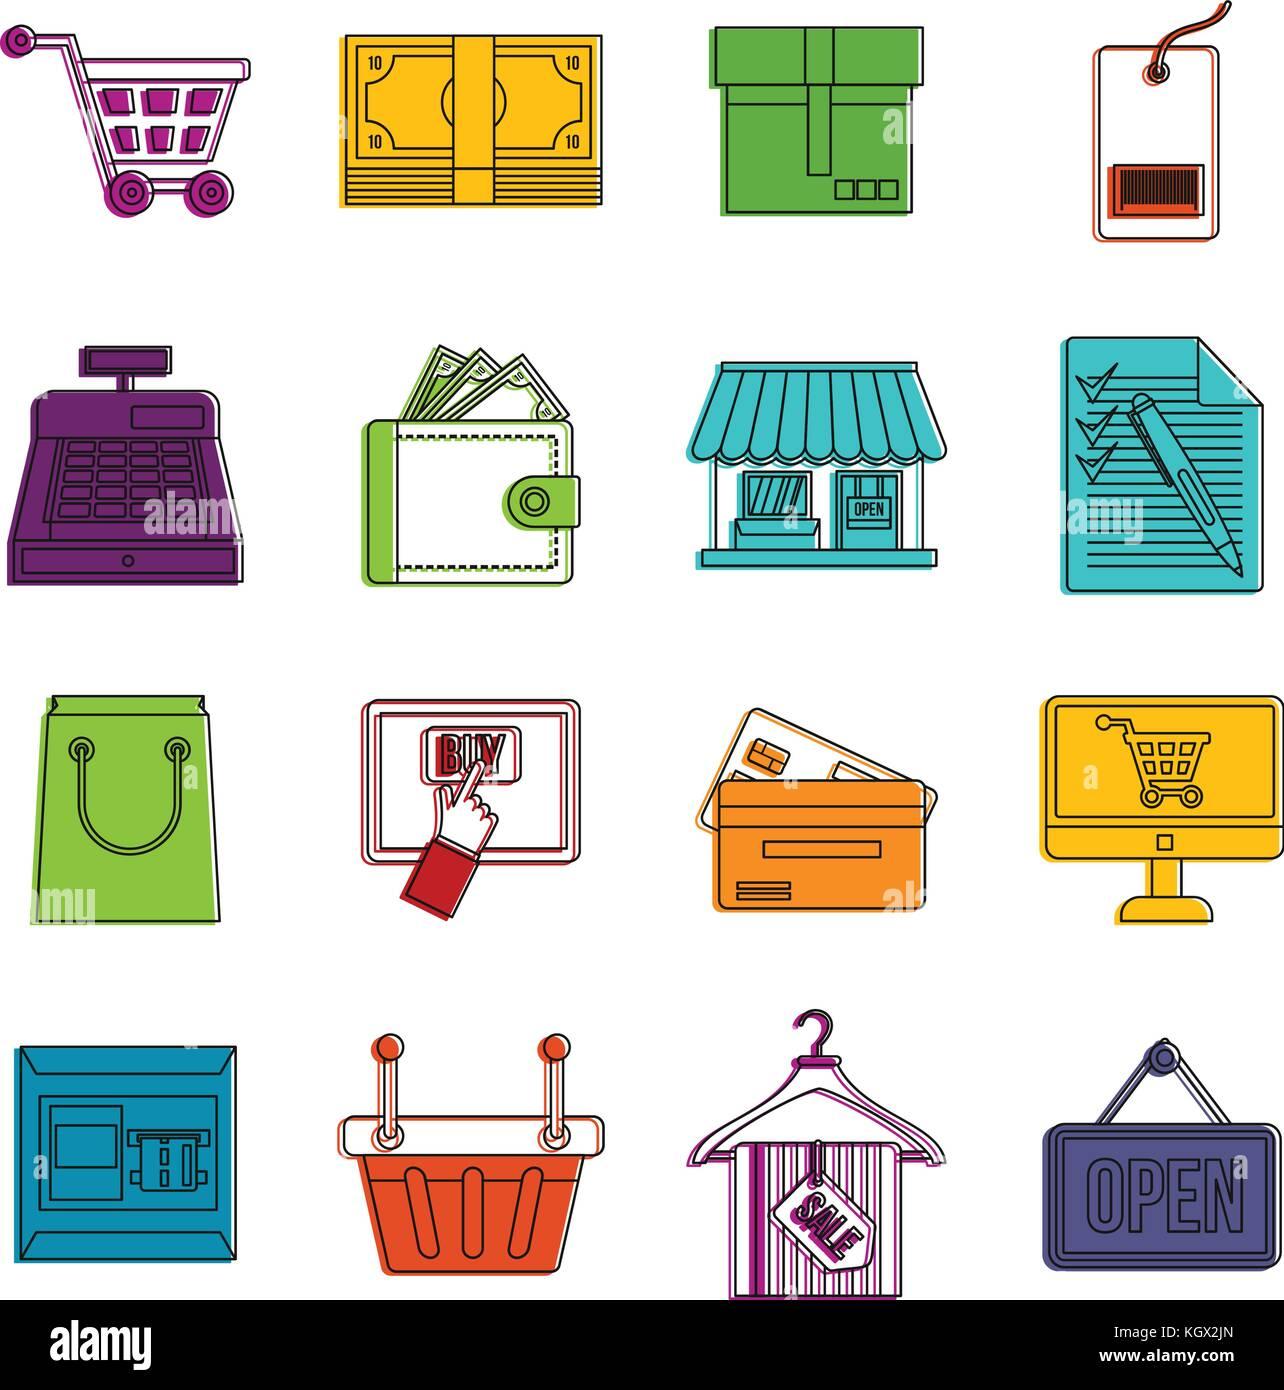 Shopping icons doodle set - Stock Image